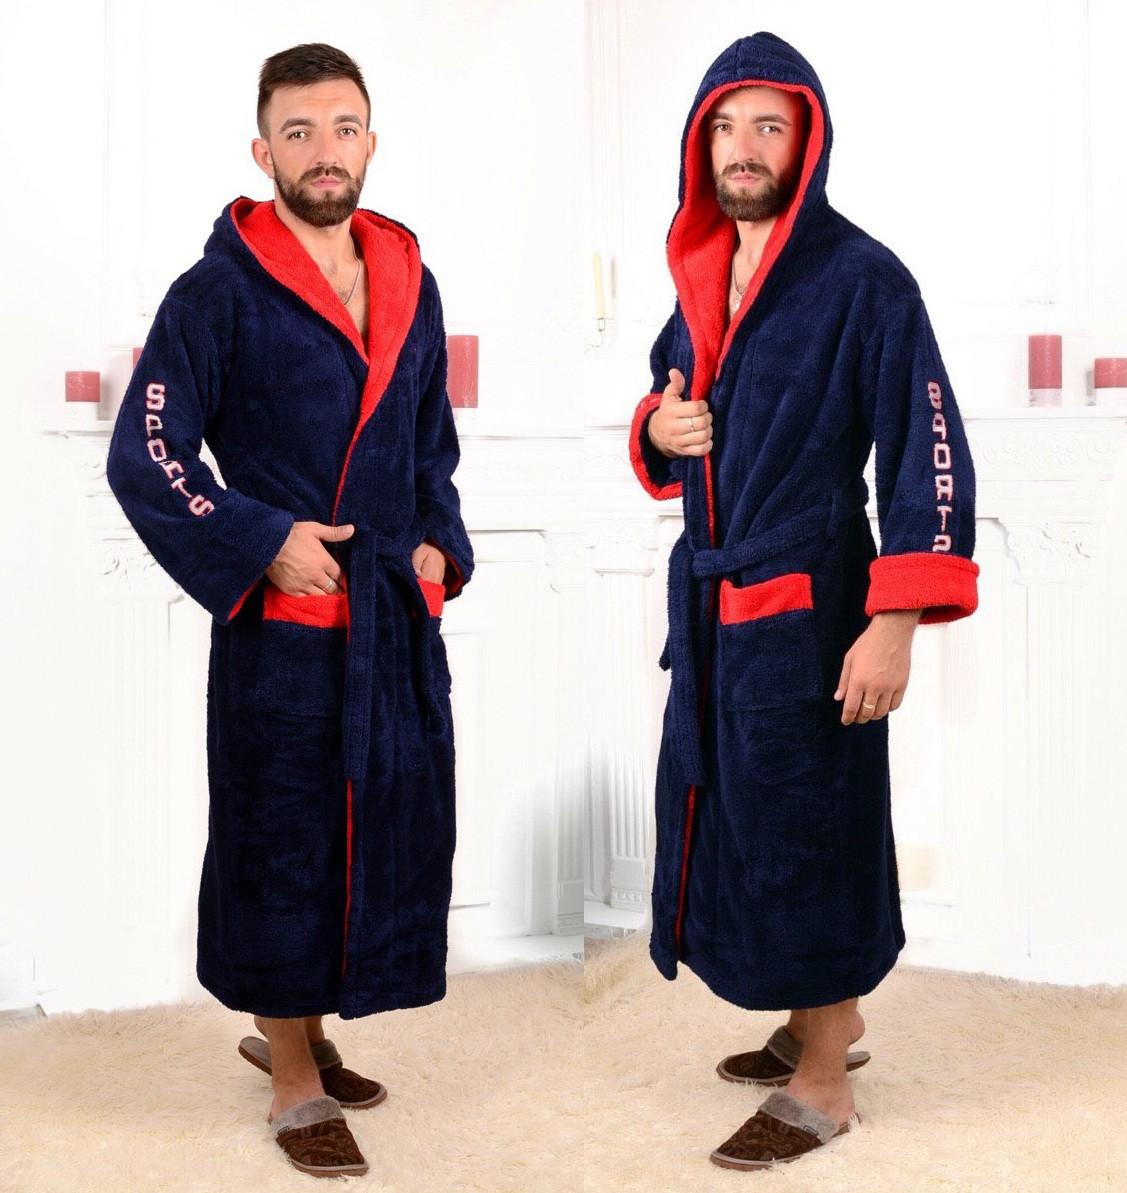 ec2361dfee366 Мужской махровый тёплый халат с капюшоном. Т.синий с красным, 4 цвета.